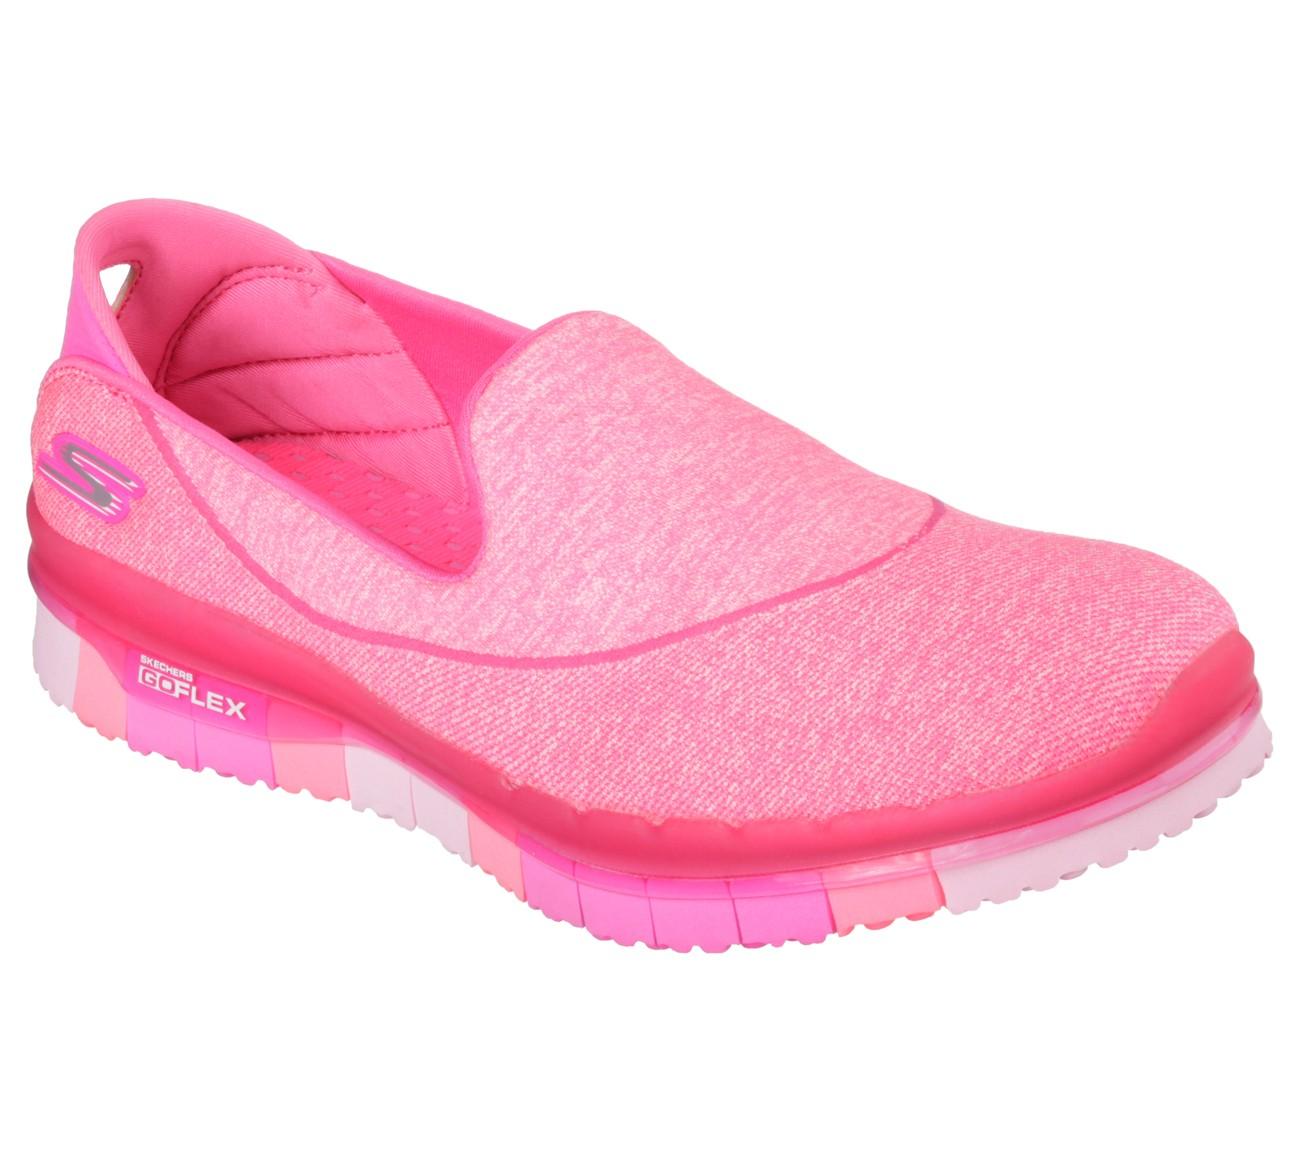 Skechers Bayan Yürüyüş Ayakkabısı Modelleri-Ayakkabı Modelleri (16)